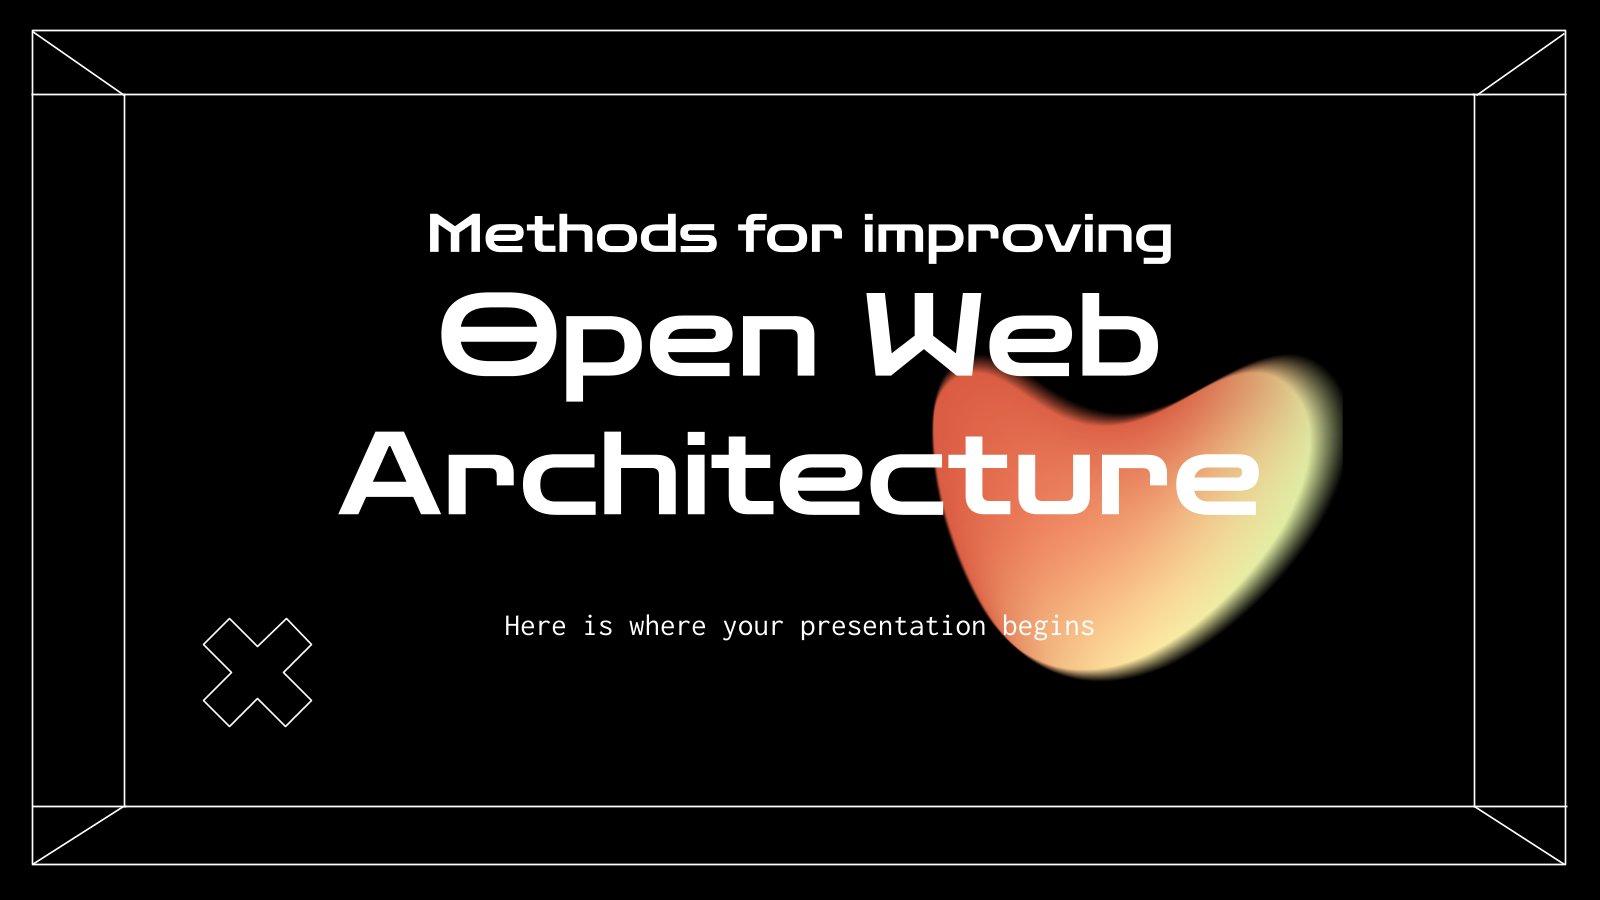 Methoden zur Verbesserung der Web-Architektur Präsentationsvorlage